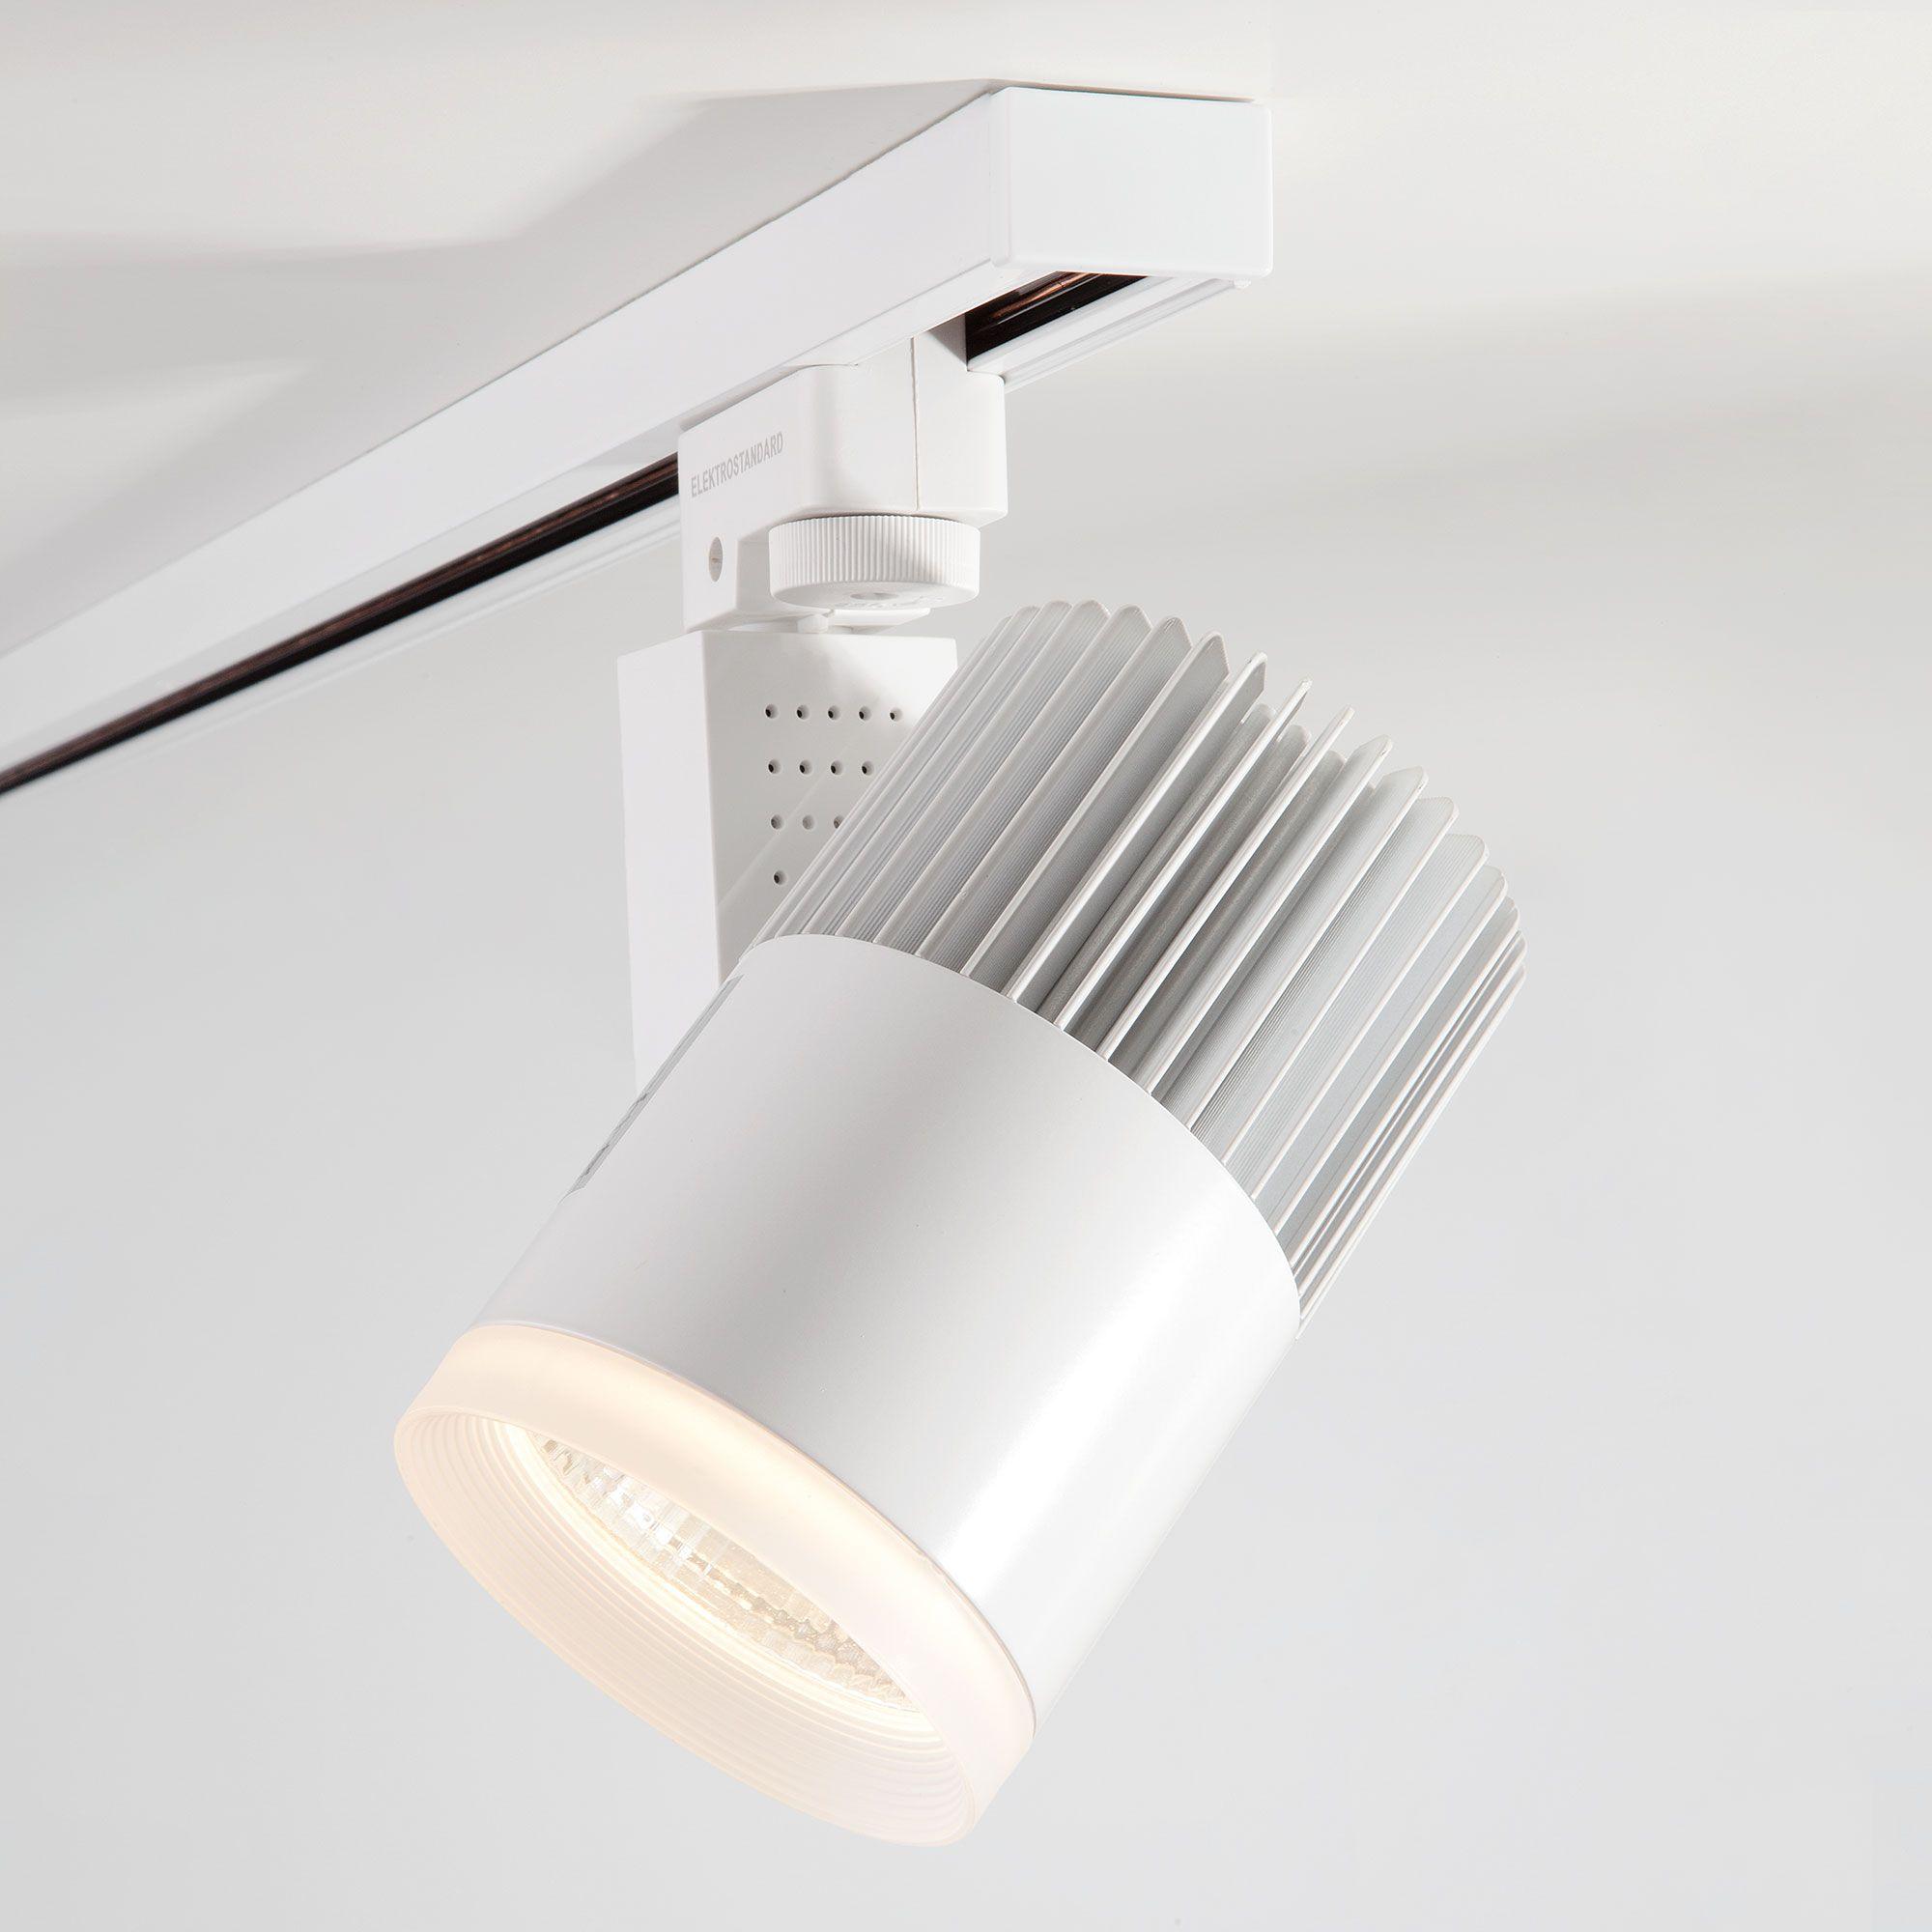 Трековый светодиодный светильник для однофазного шинопровода Accord белый 30W 3300K (1 шт.) LTB20